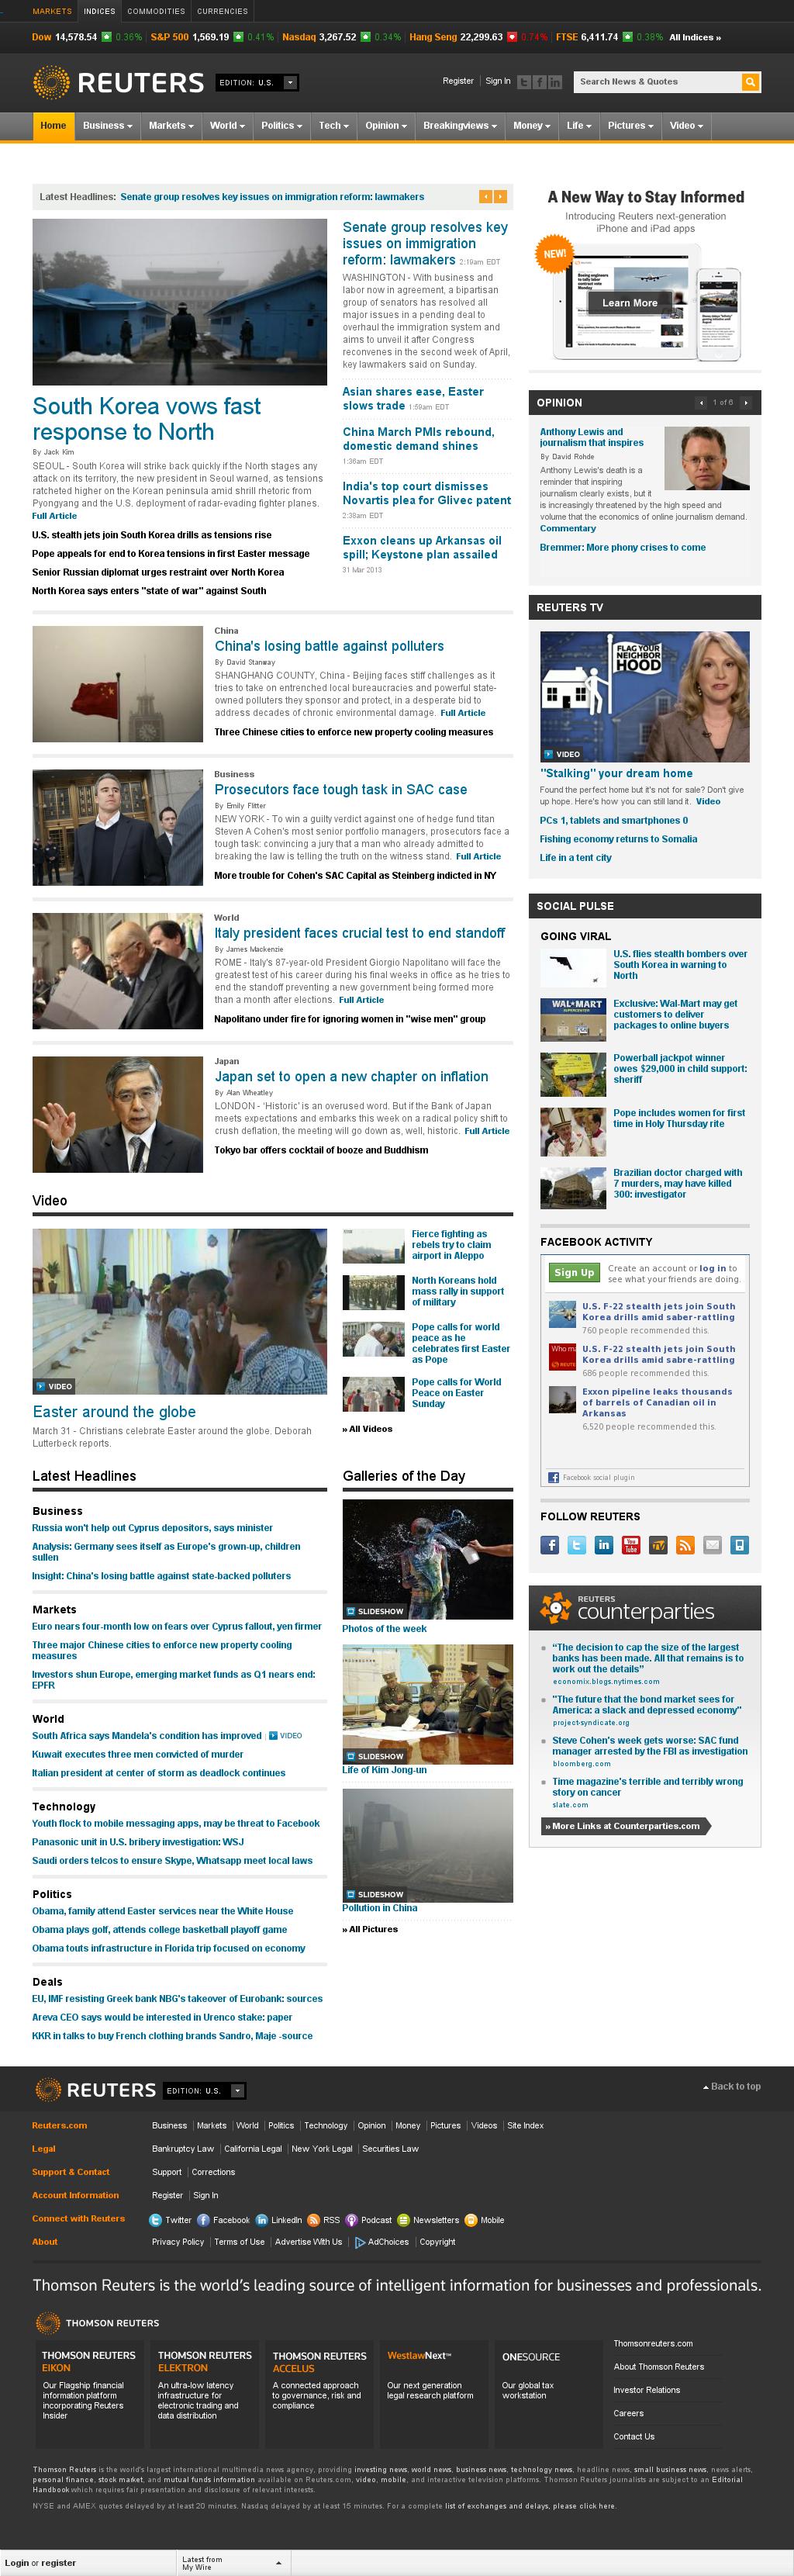 Reuters at Monday April 1, 2013, 8:18 a.m. UTC